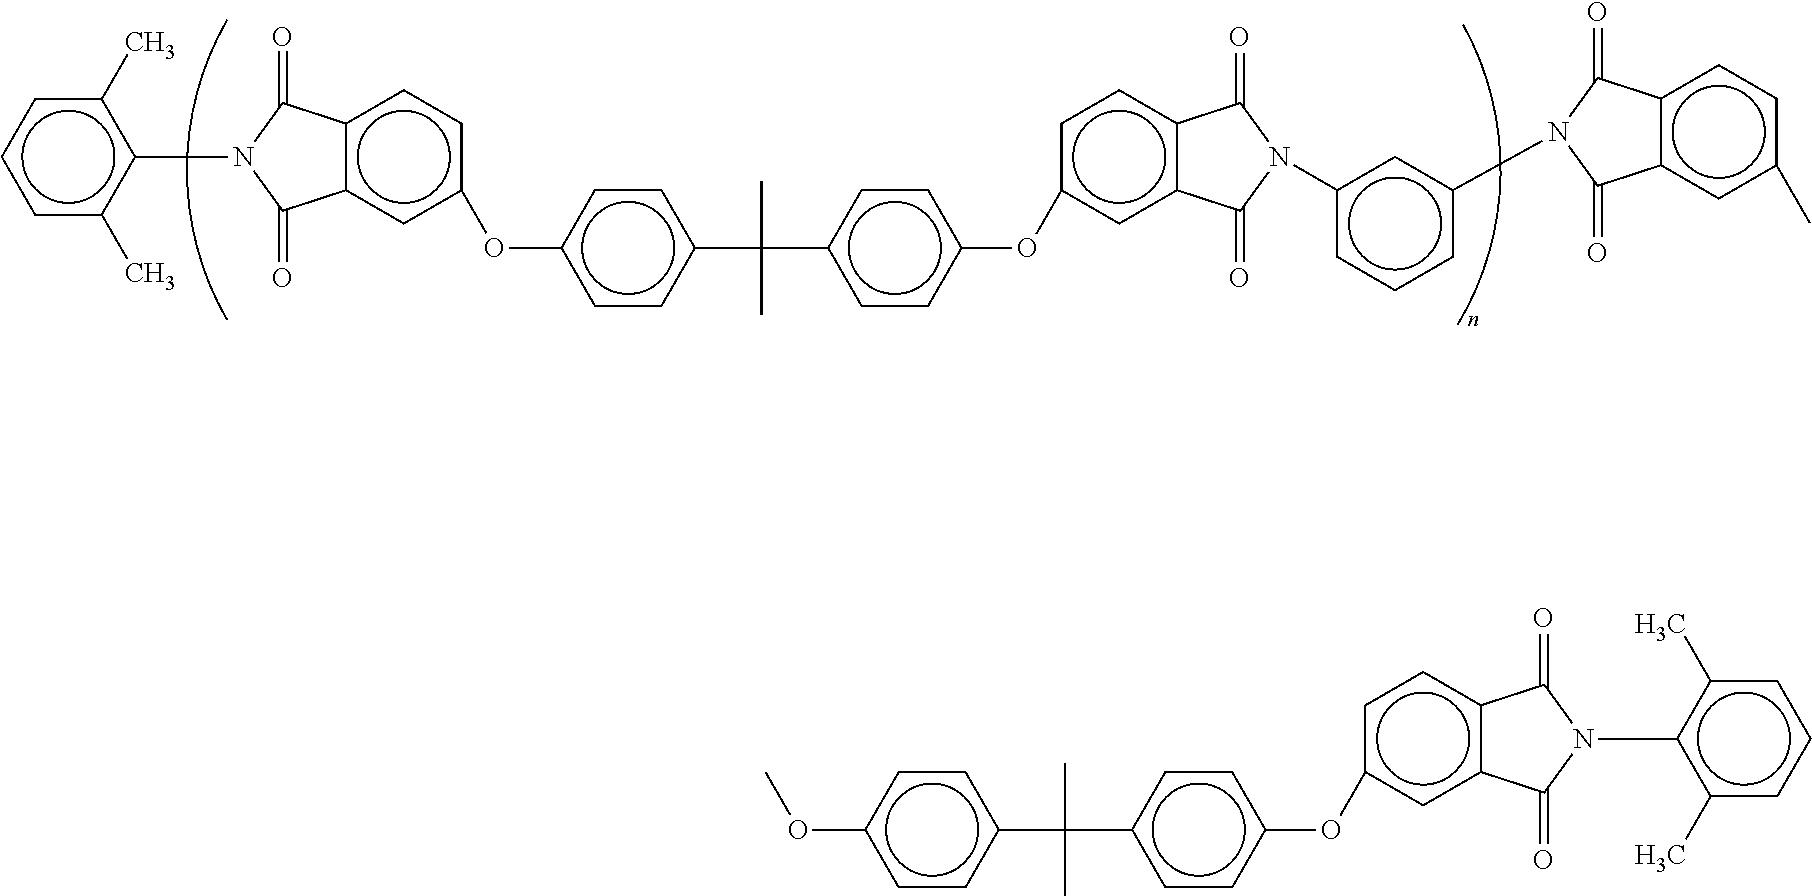 Figure US07935780-20110503-C00013